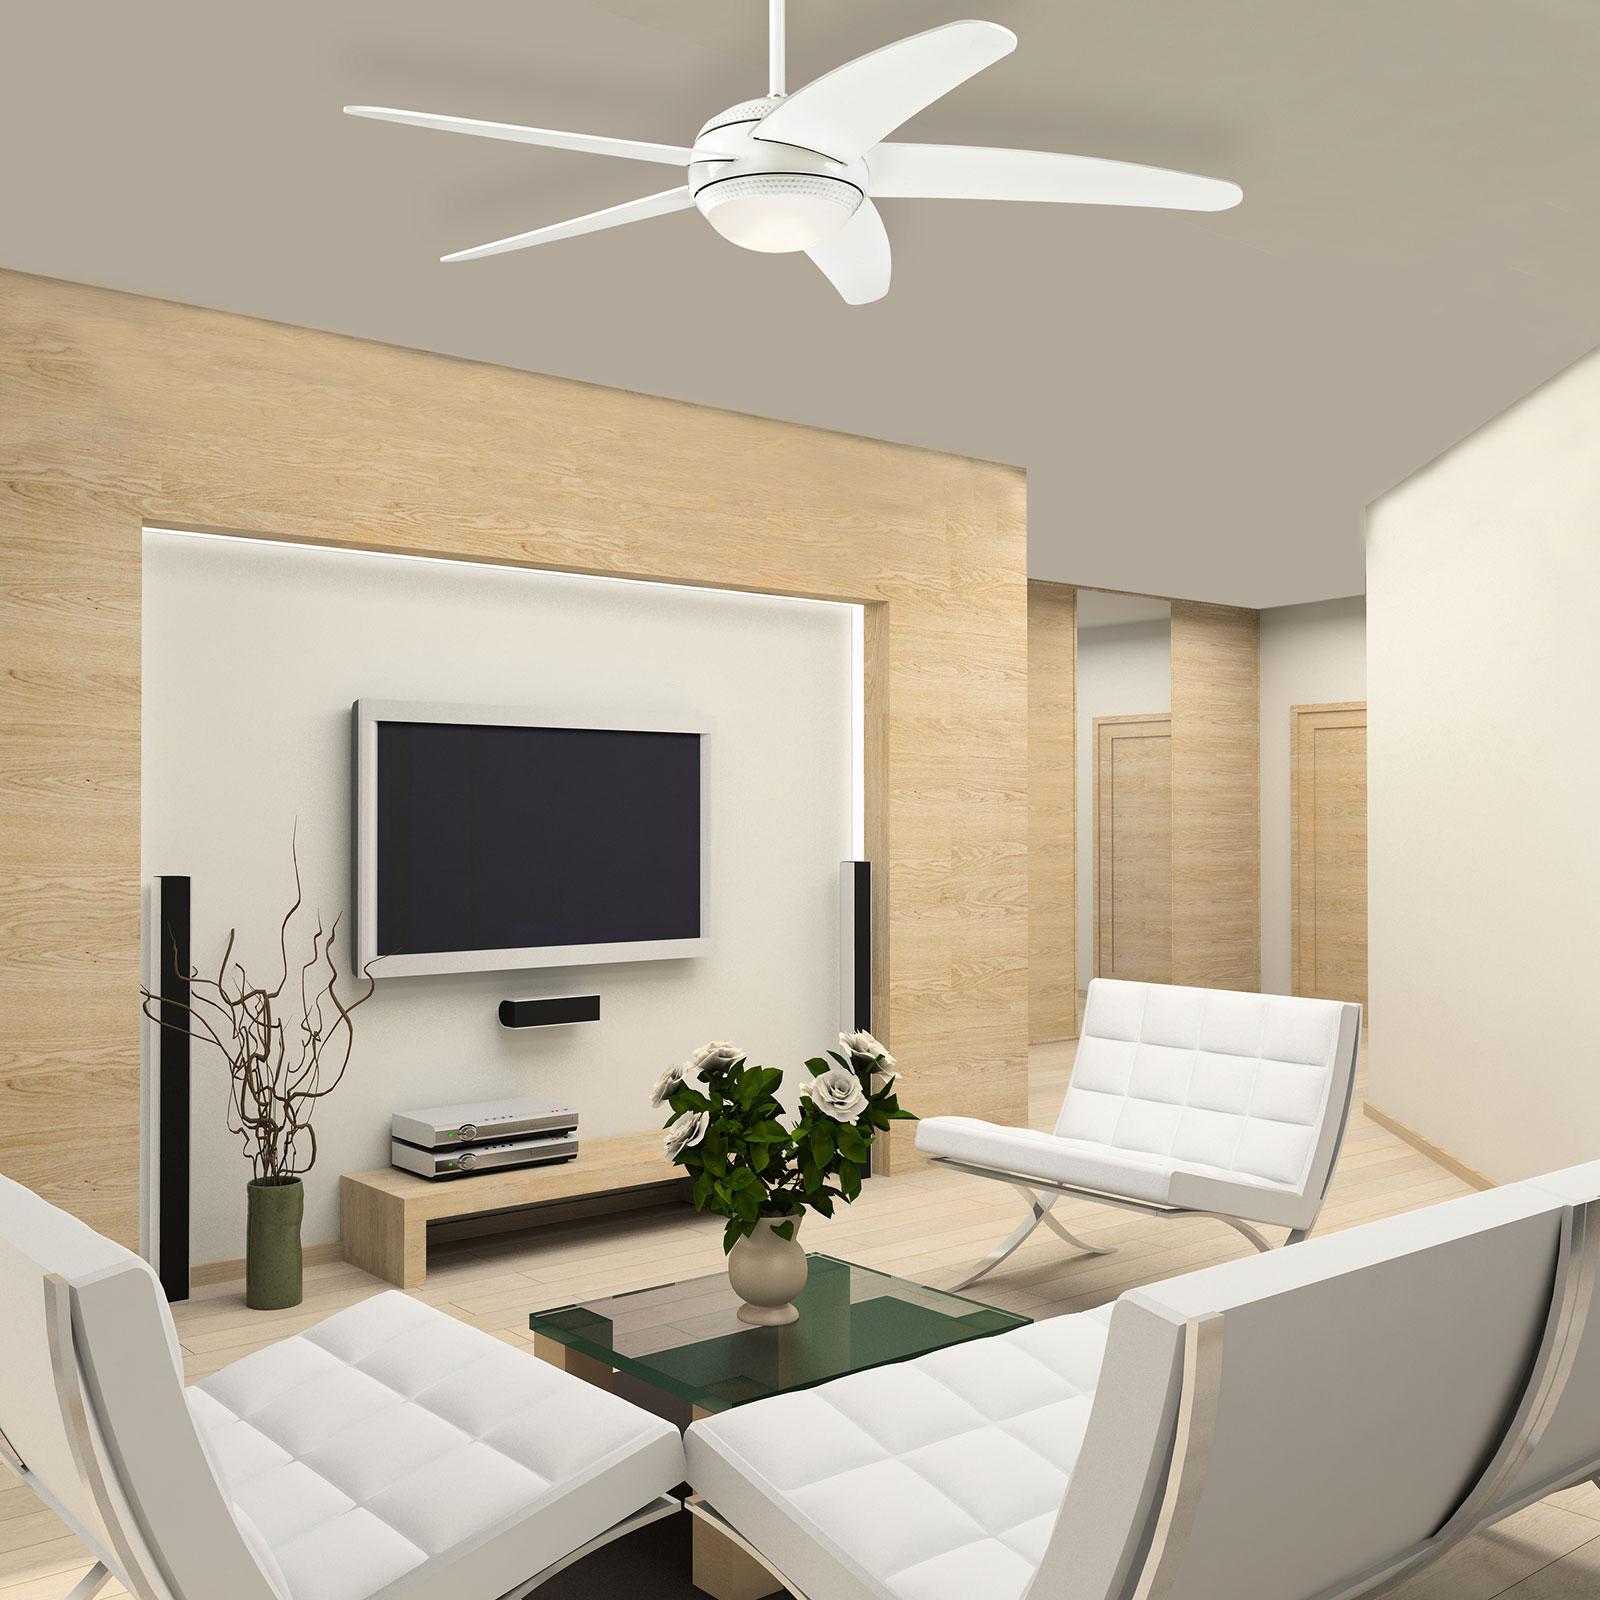 Westinghouse Bendan ventilateur LED, blanc